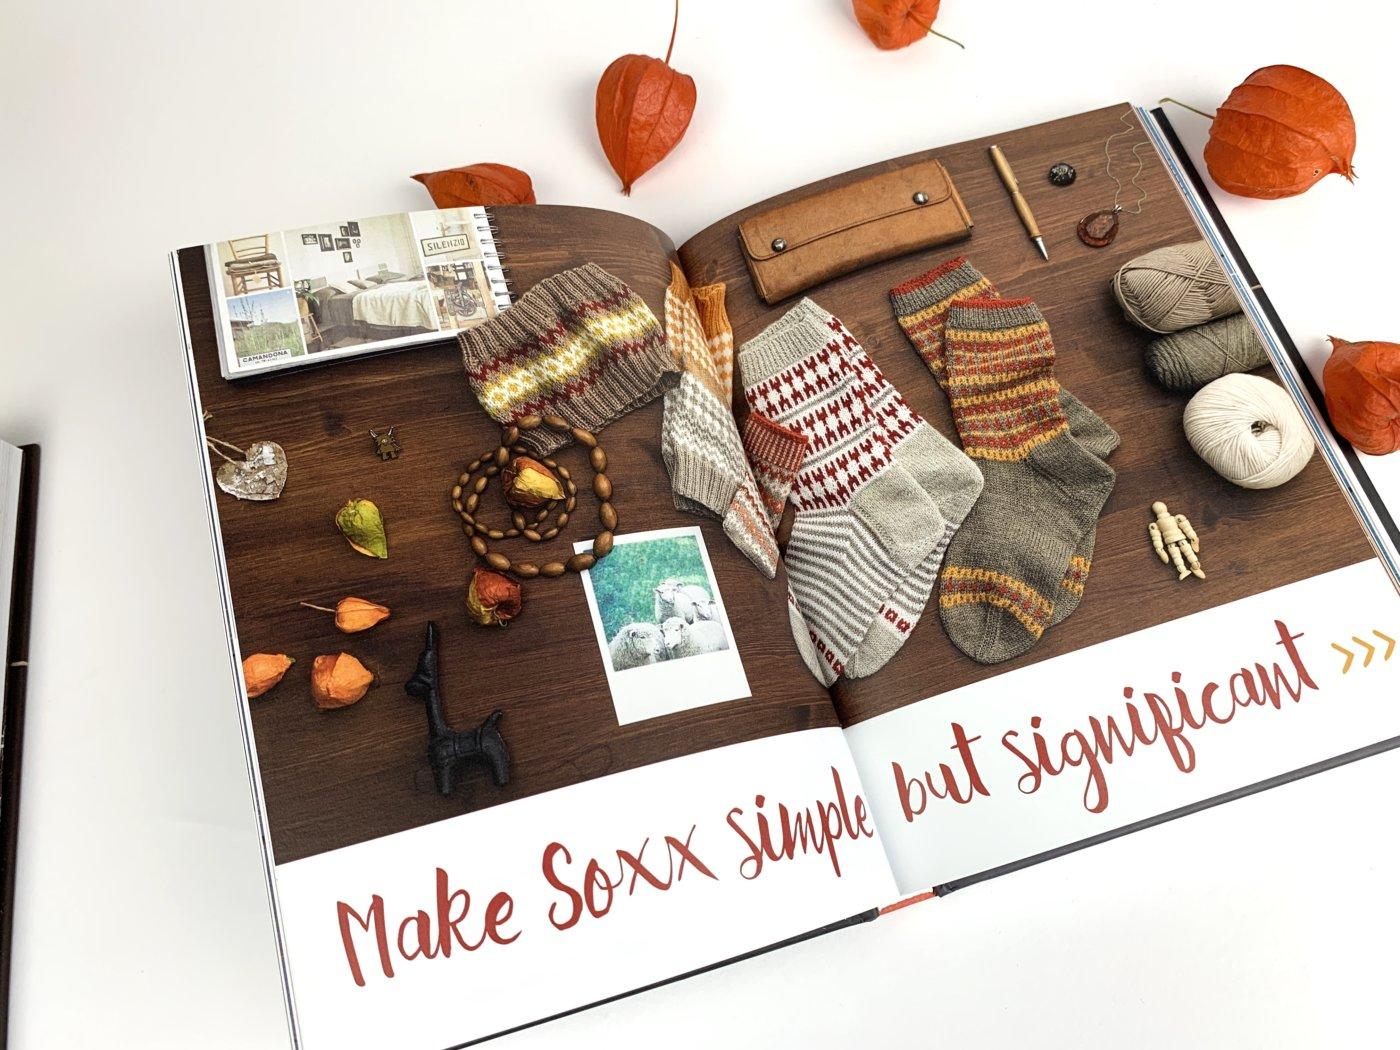 ein Kapitel im Buch SoxxLook beginnt mit einem Moonboard